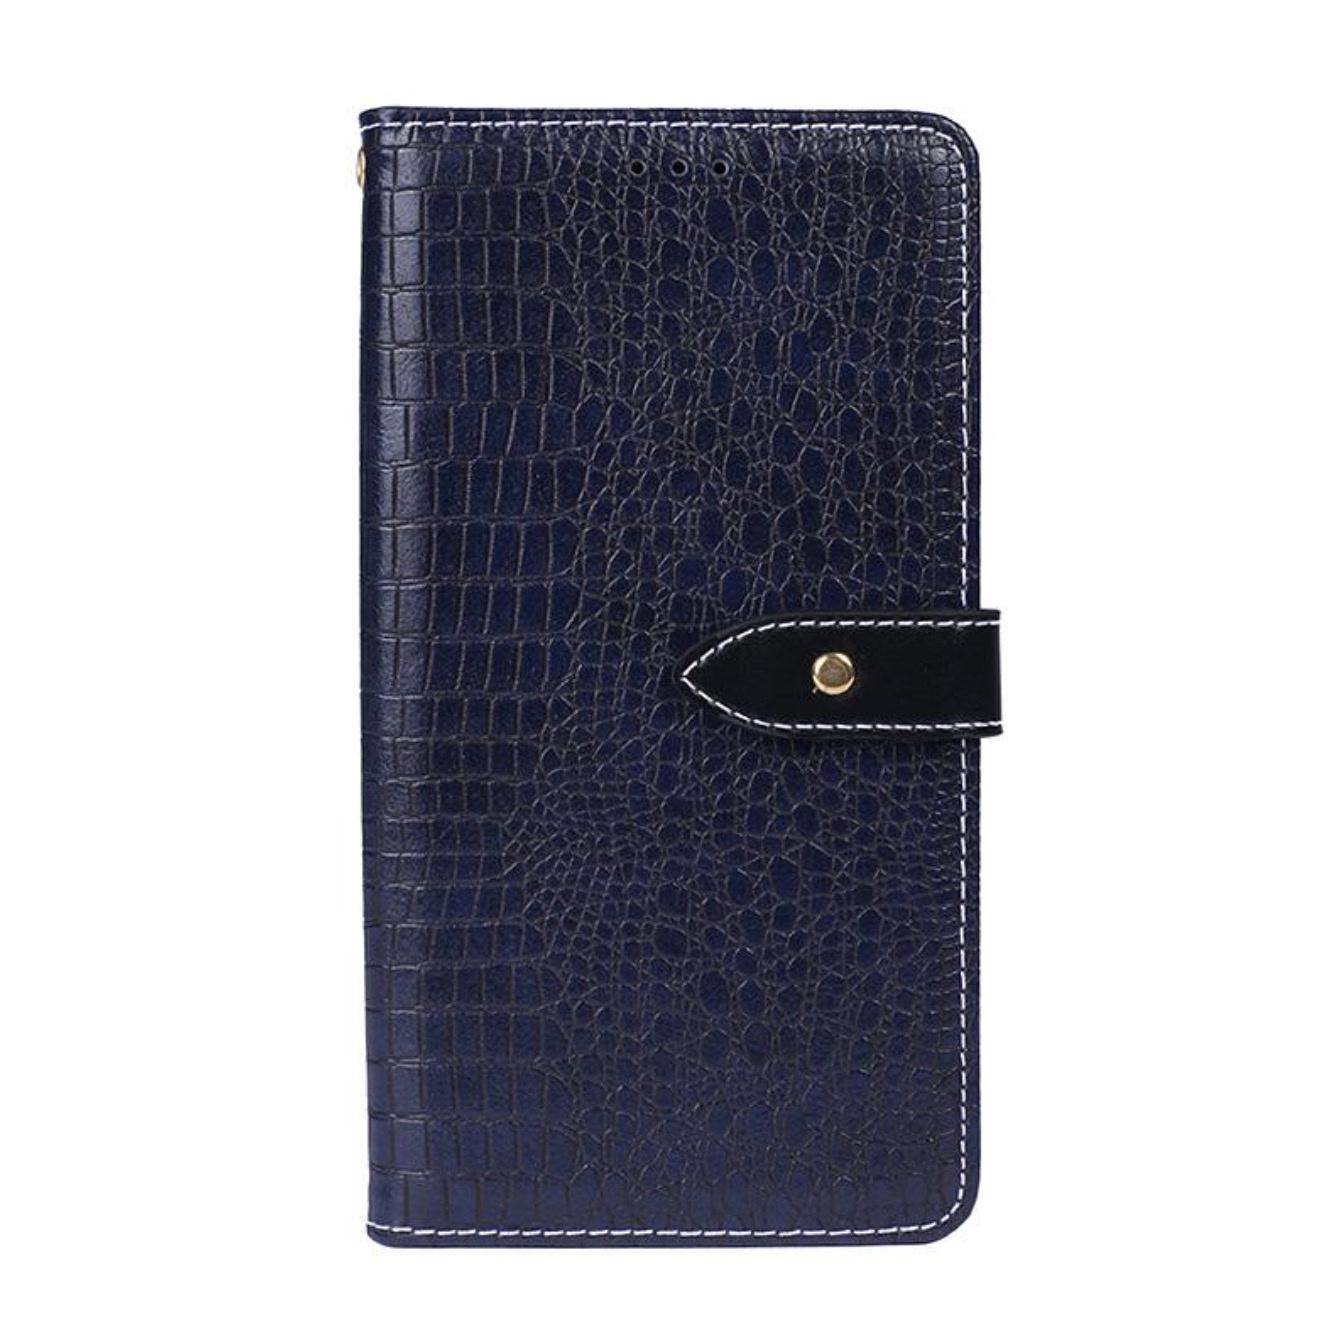 Чехол-книжка MyPads для LG G6 mini / LG Q6 / LG Q6 Plus / LG Q6a M700 с фактурной прошивкой рельефа кожи крокодила с застежкой и визитницей синий сигвей q6a wmotion new белый синий